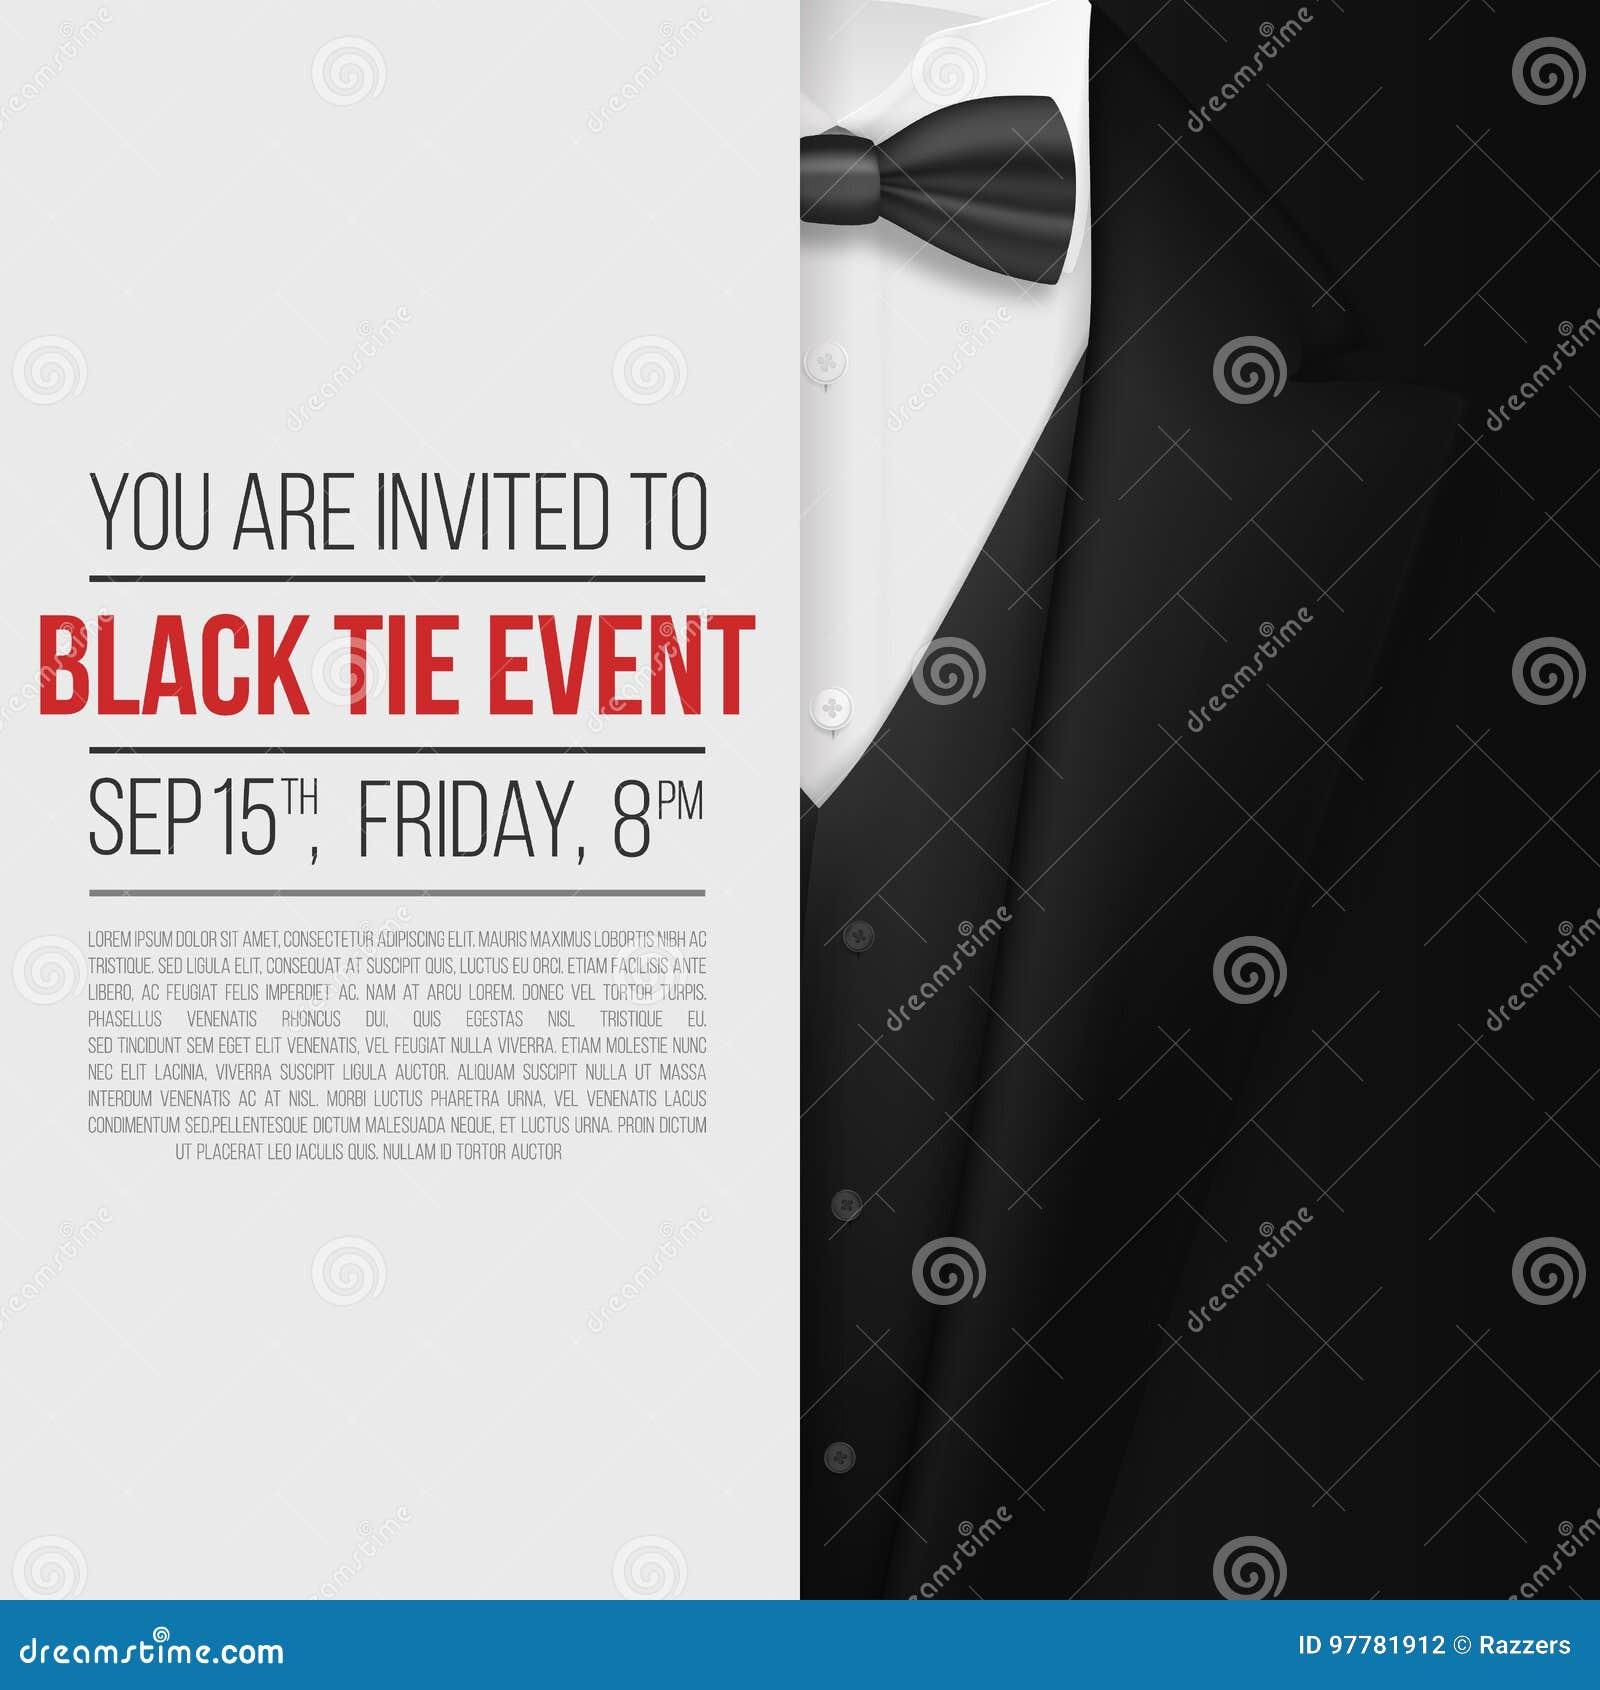 Ziemlich Ereignis Einladungs Schablone Fotos - FORTSETZUNG ...